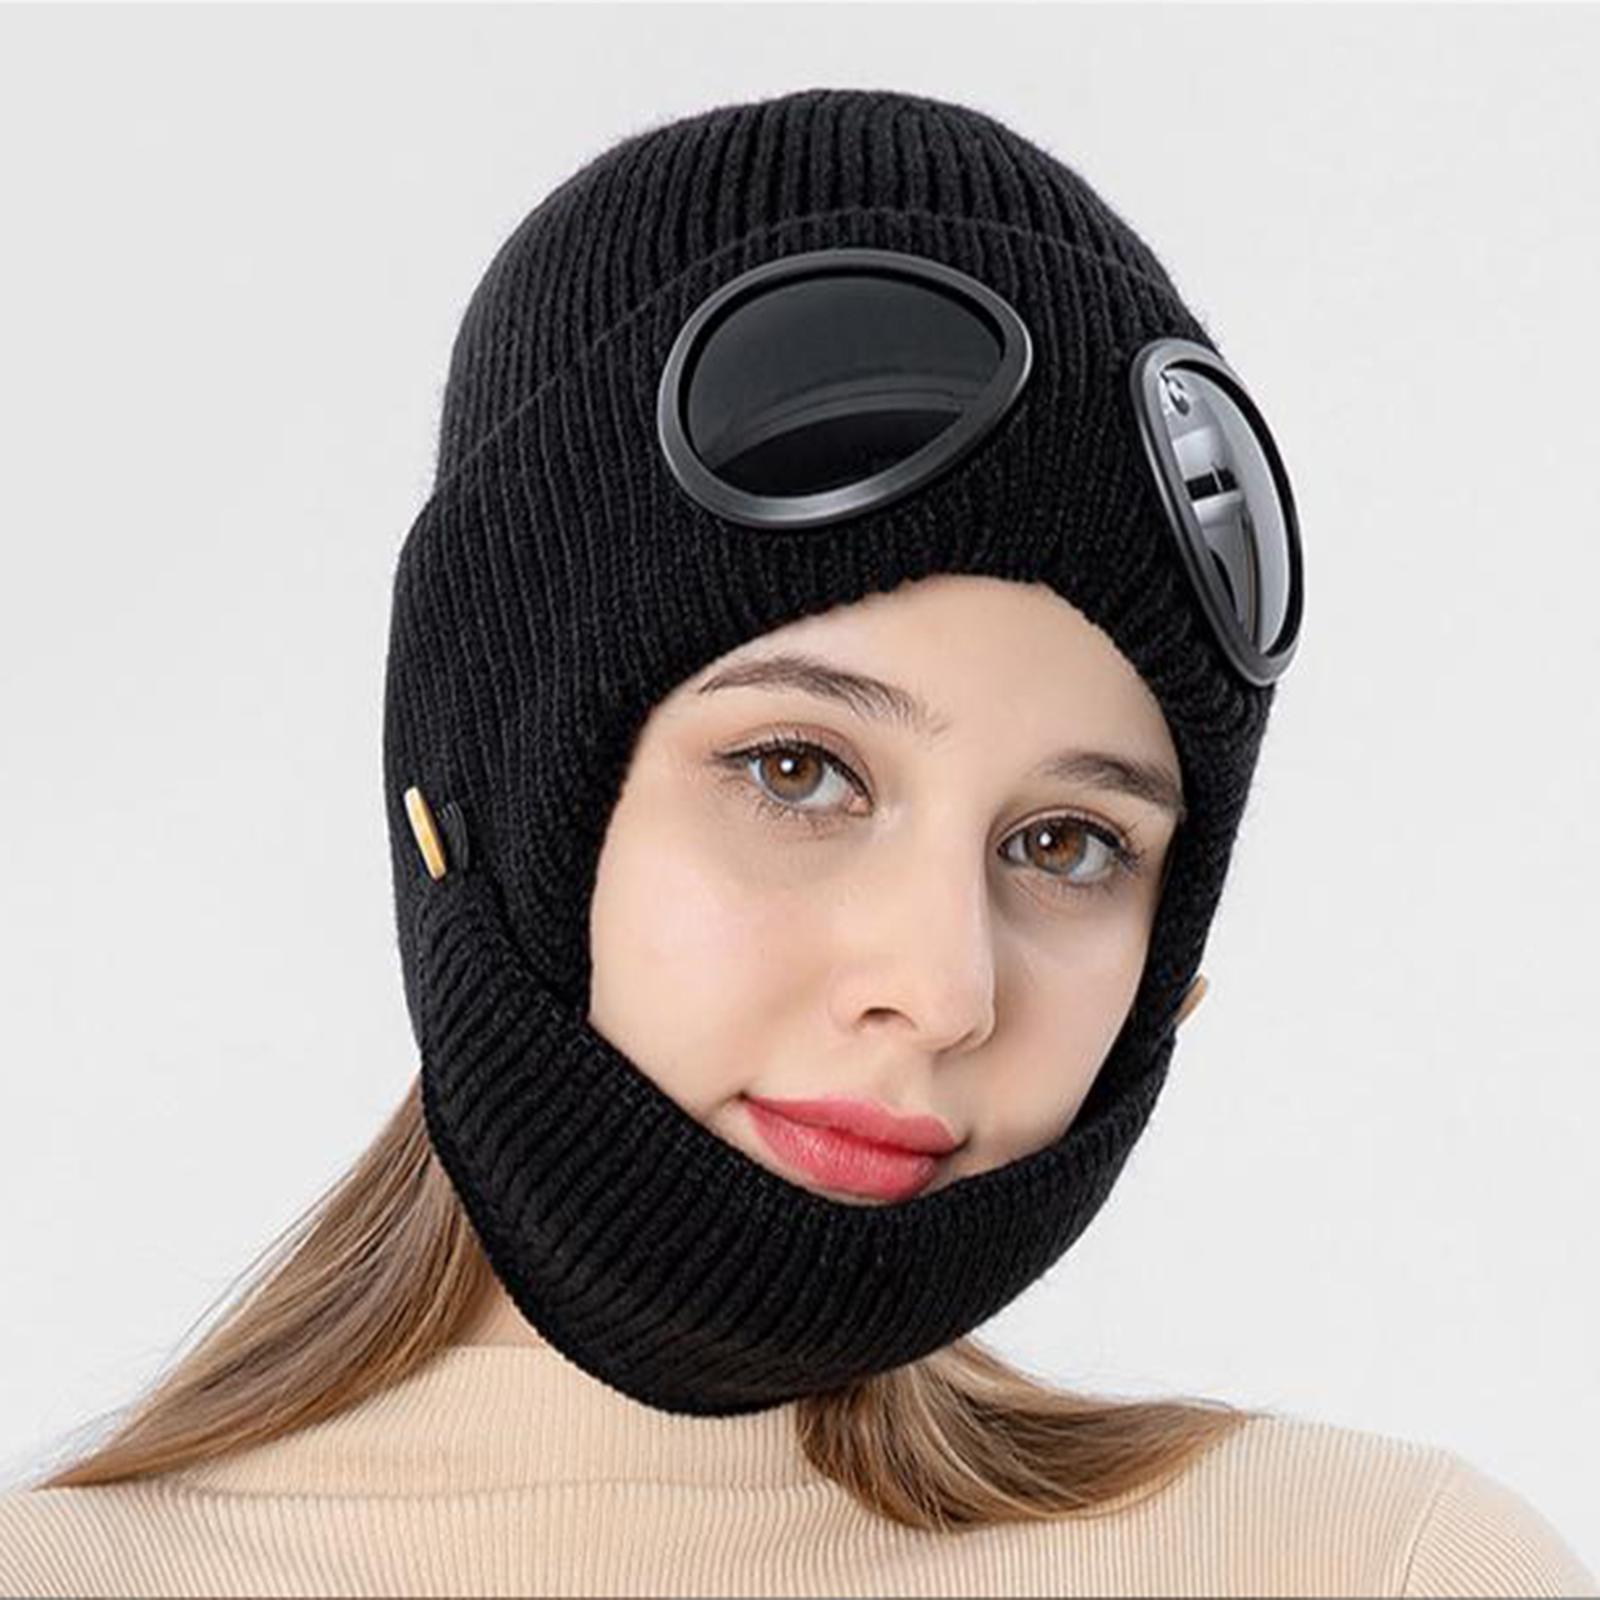 miniature 6 - Masque de tête de visage hiver bonnet chaud avec lunettes casquette d'oreille